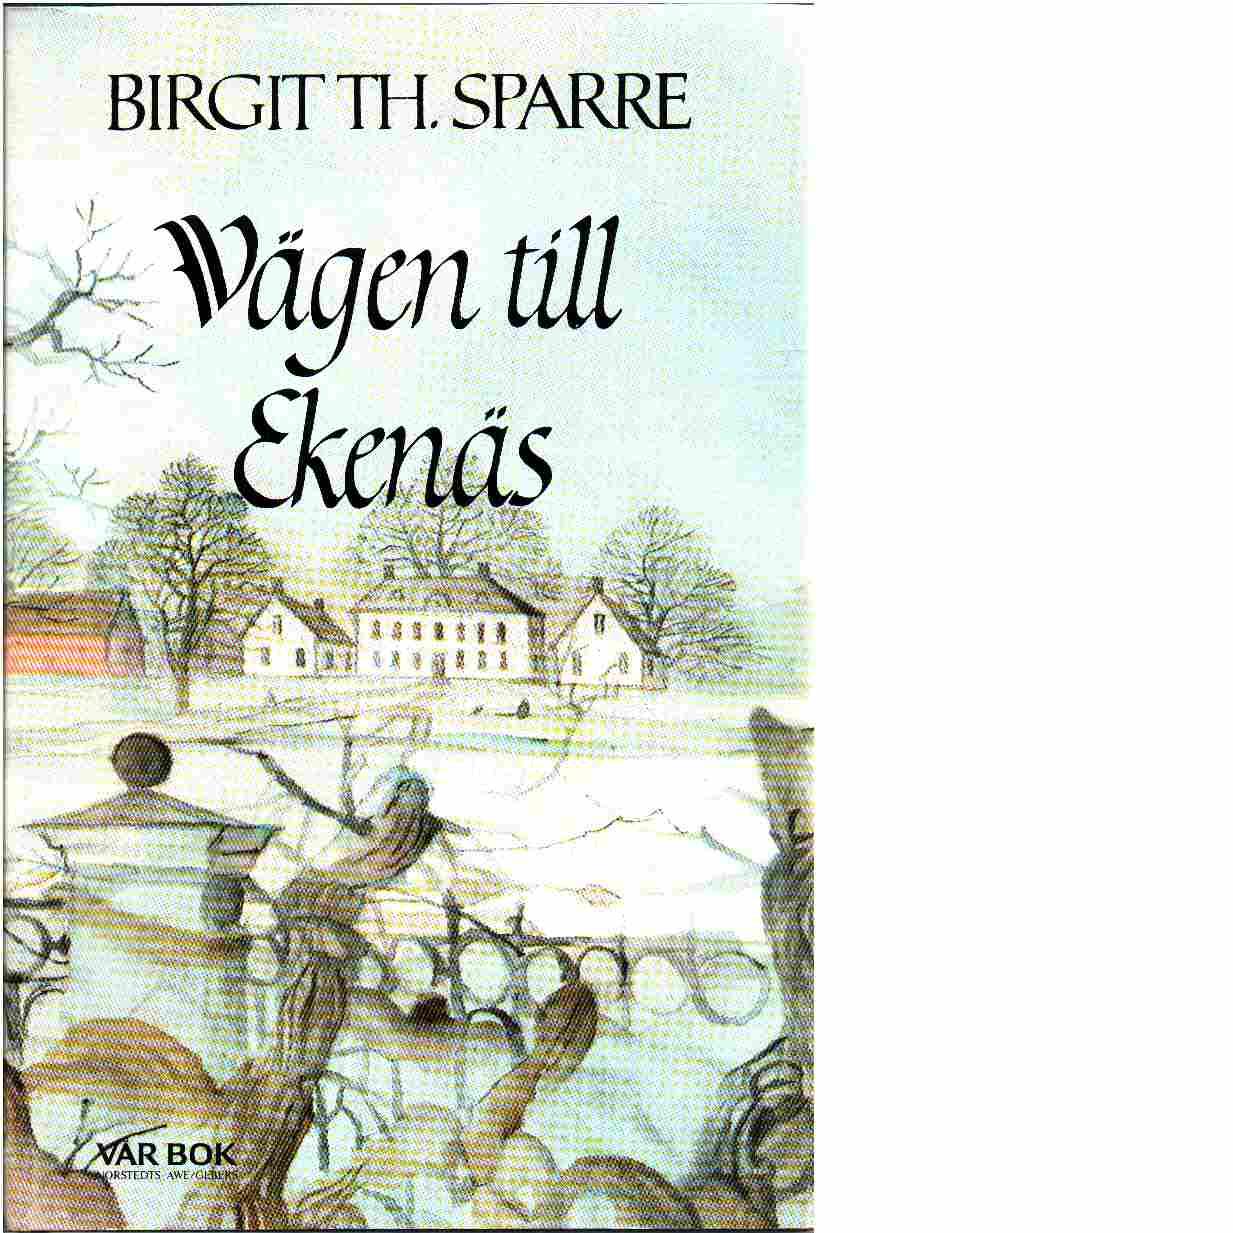 Vägen till Ekenäs - Sparre, Birgit Th